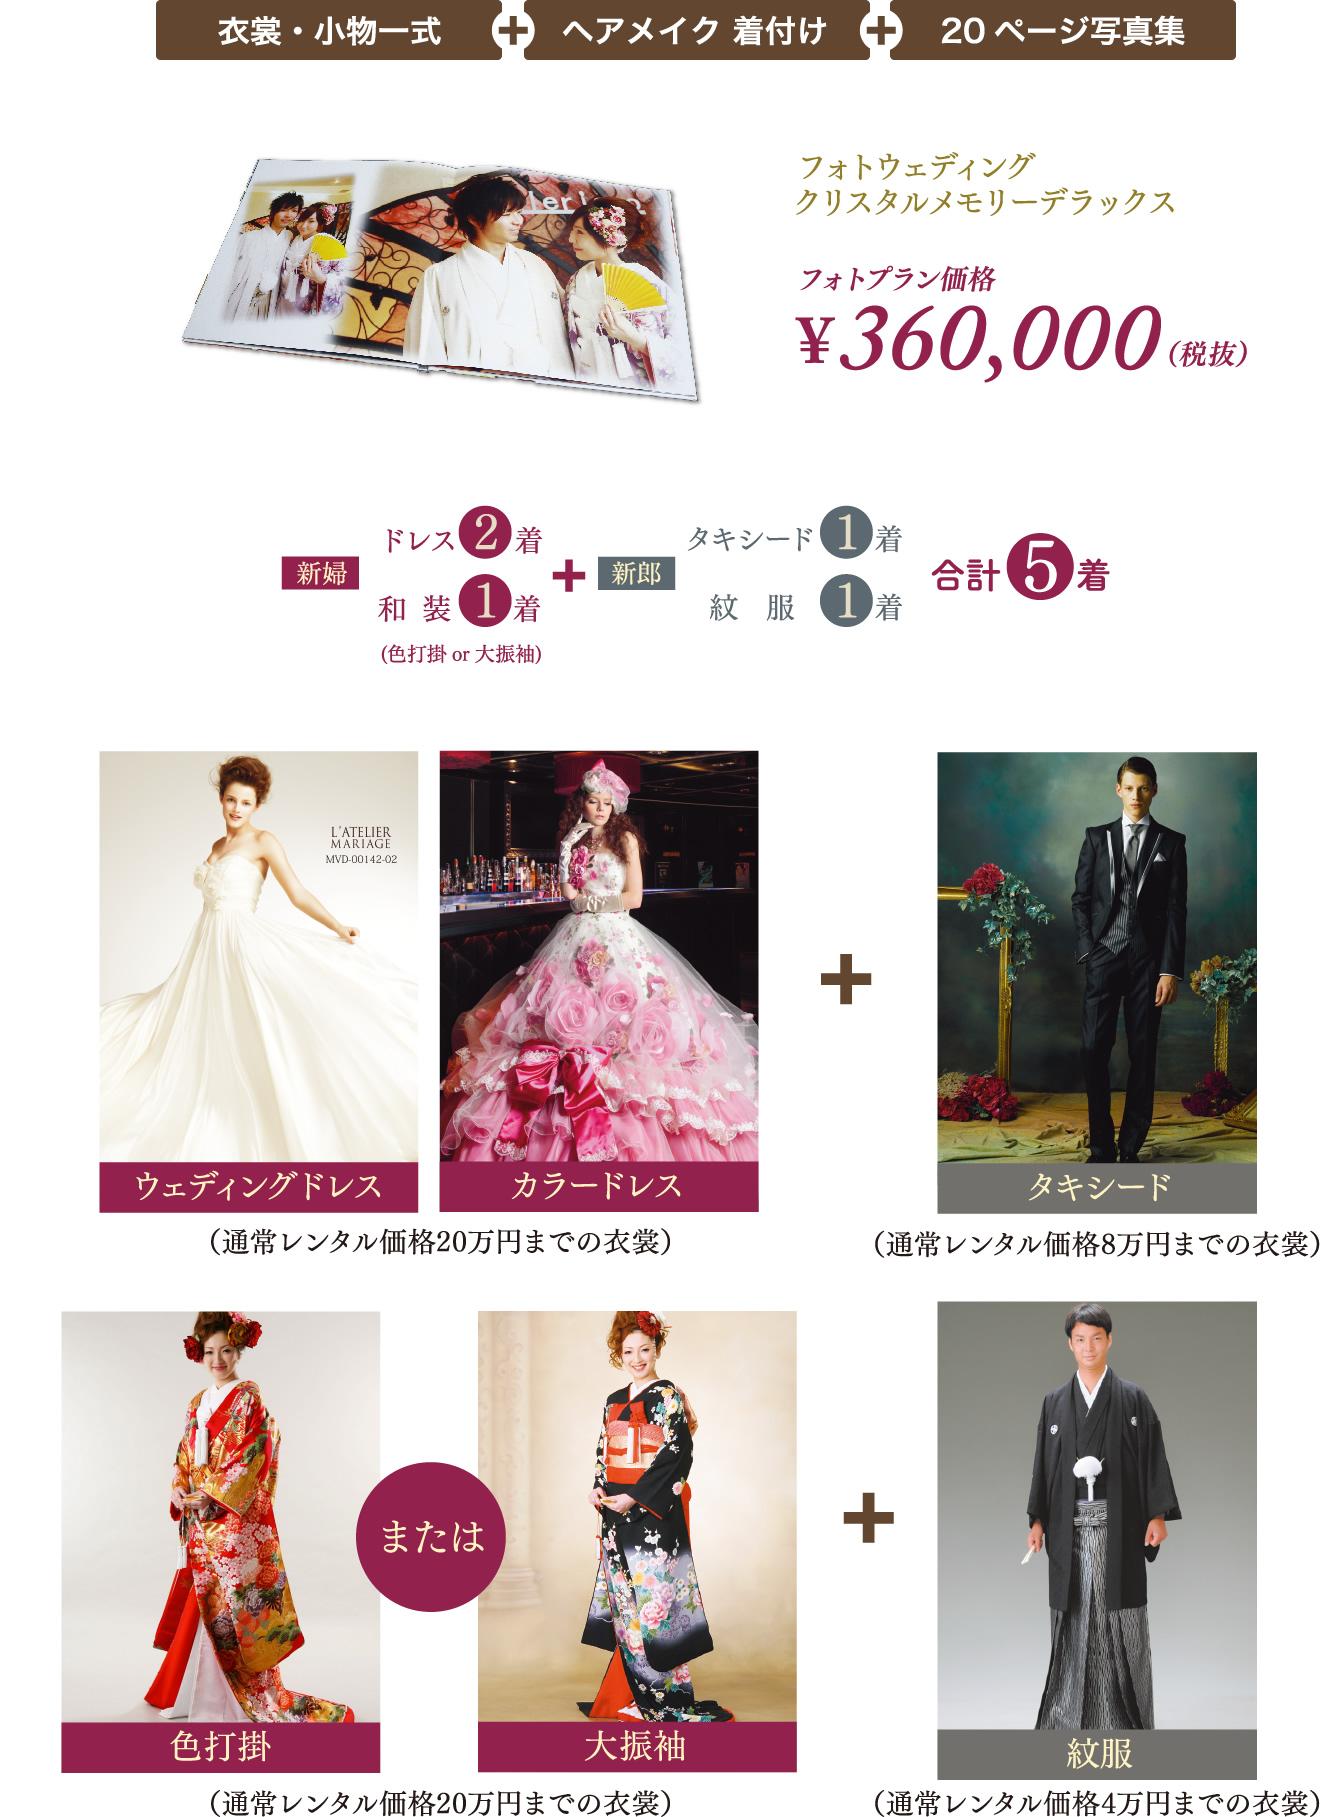 フォトプラン価格 ¥360,000(税抜)